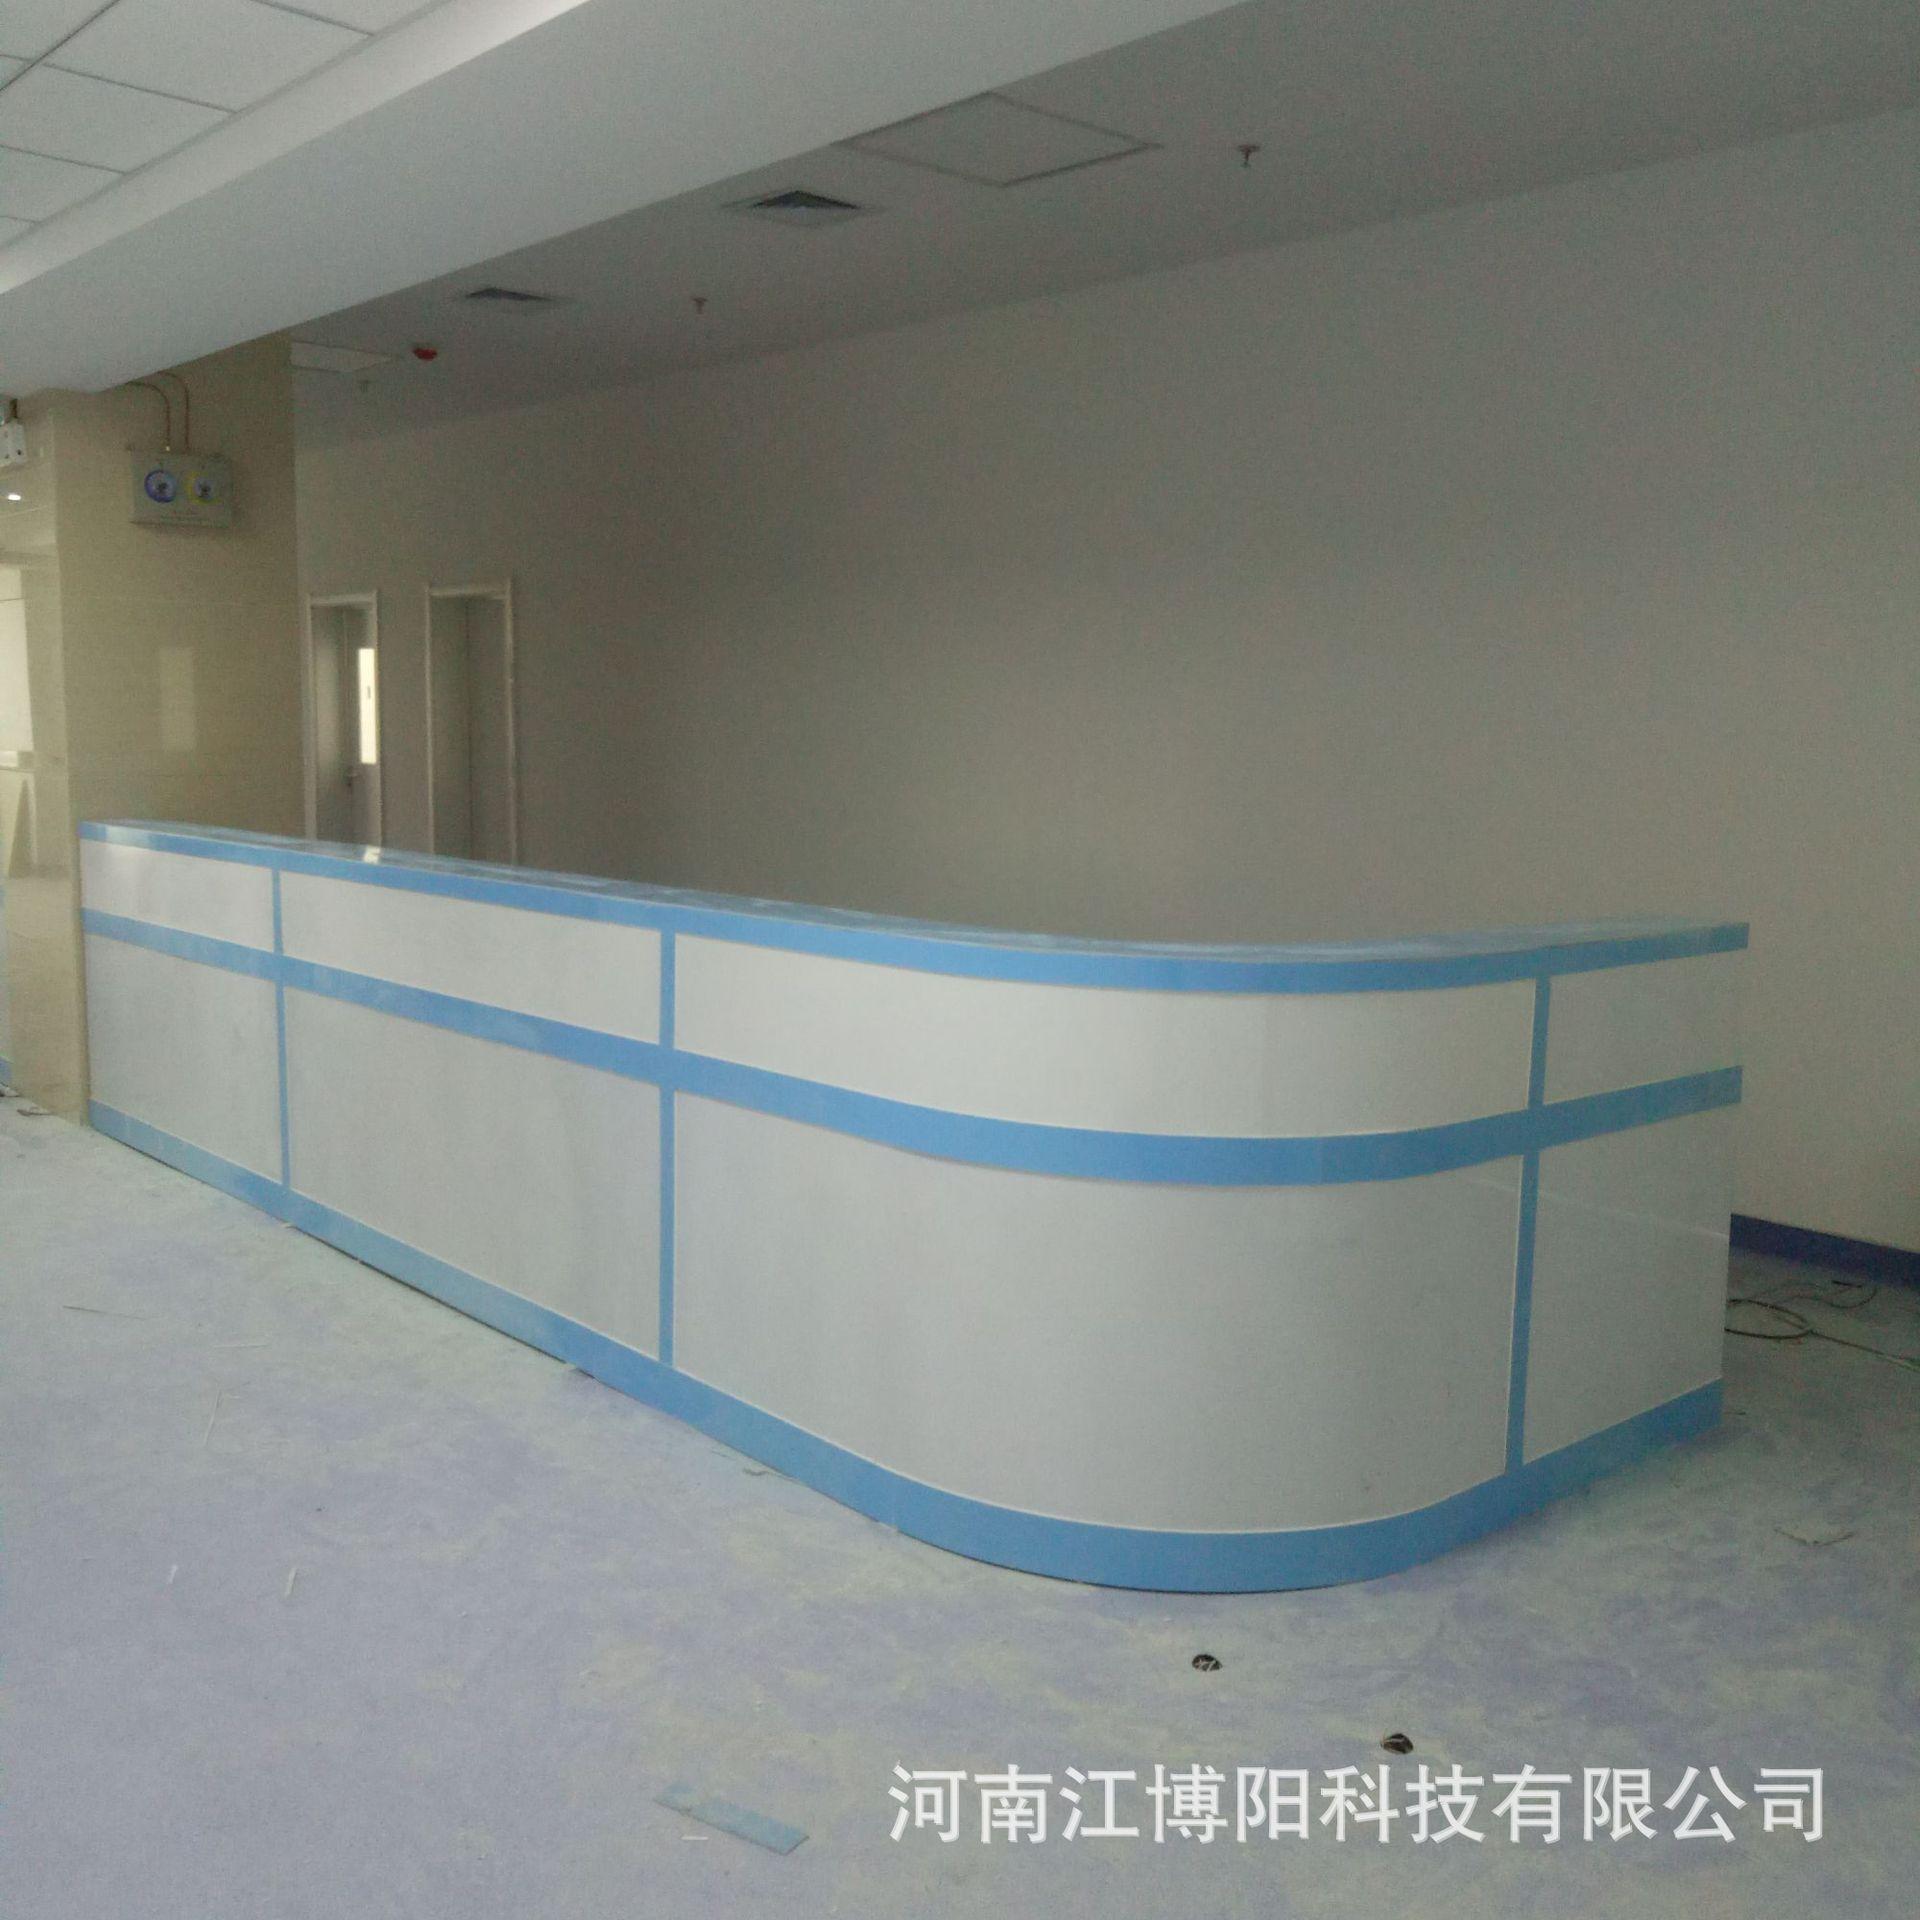 导医台,巡诊台,操作台,护士站,护士站综合服务中心,护士台,吧台,办公